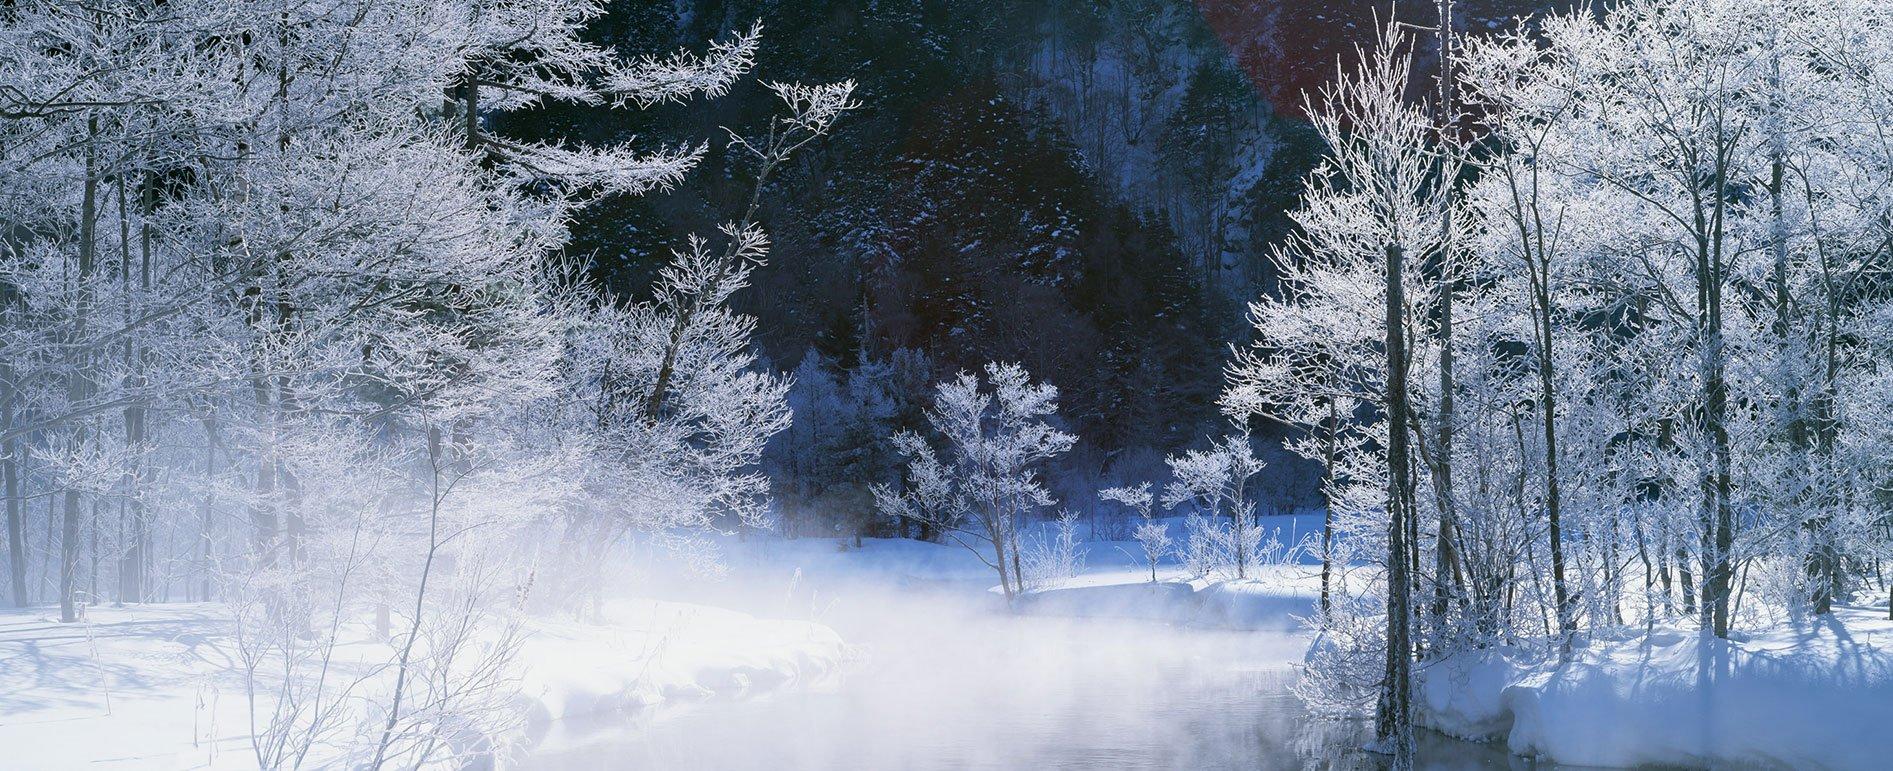 Хоёрдугаар сарын сүүлээр ихэнх нутгаар цасан болон шороон шуурга шуурах төлөв гарчээ